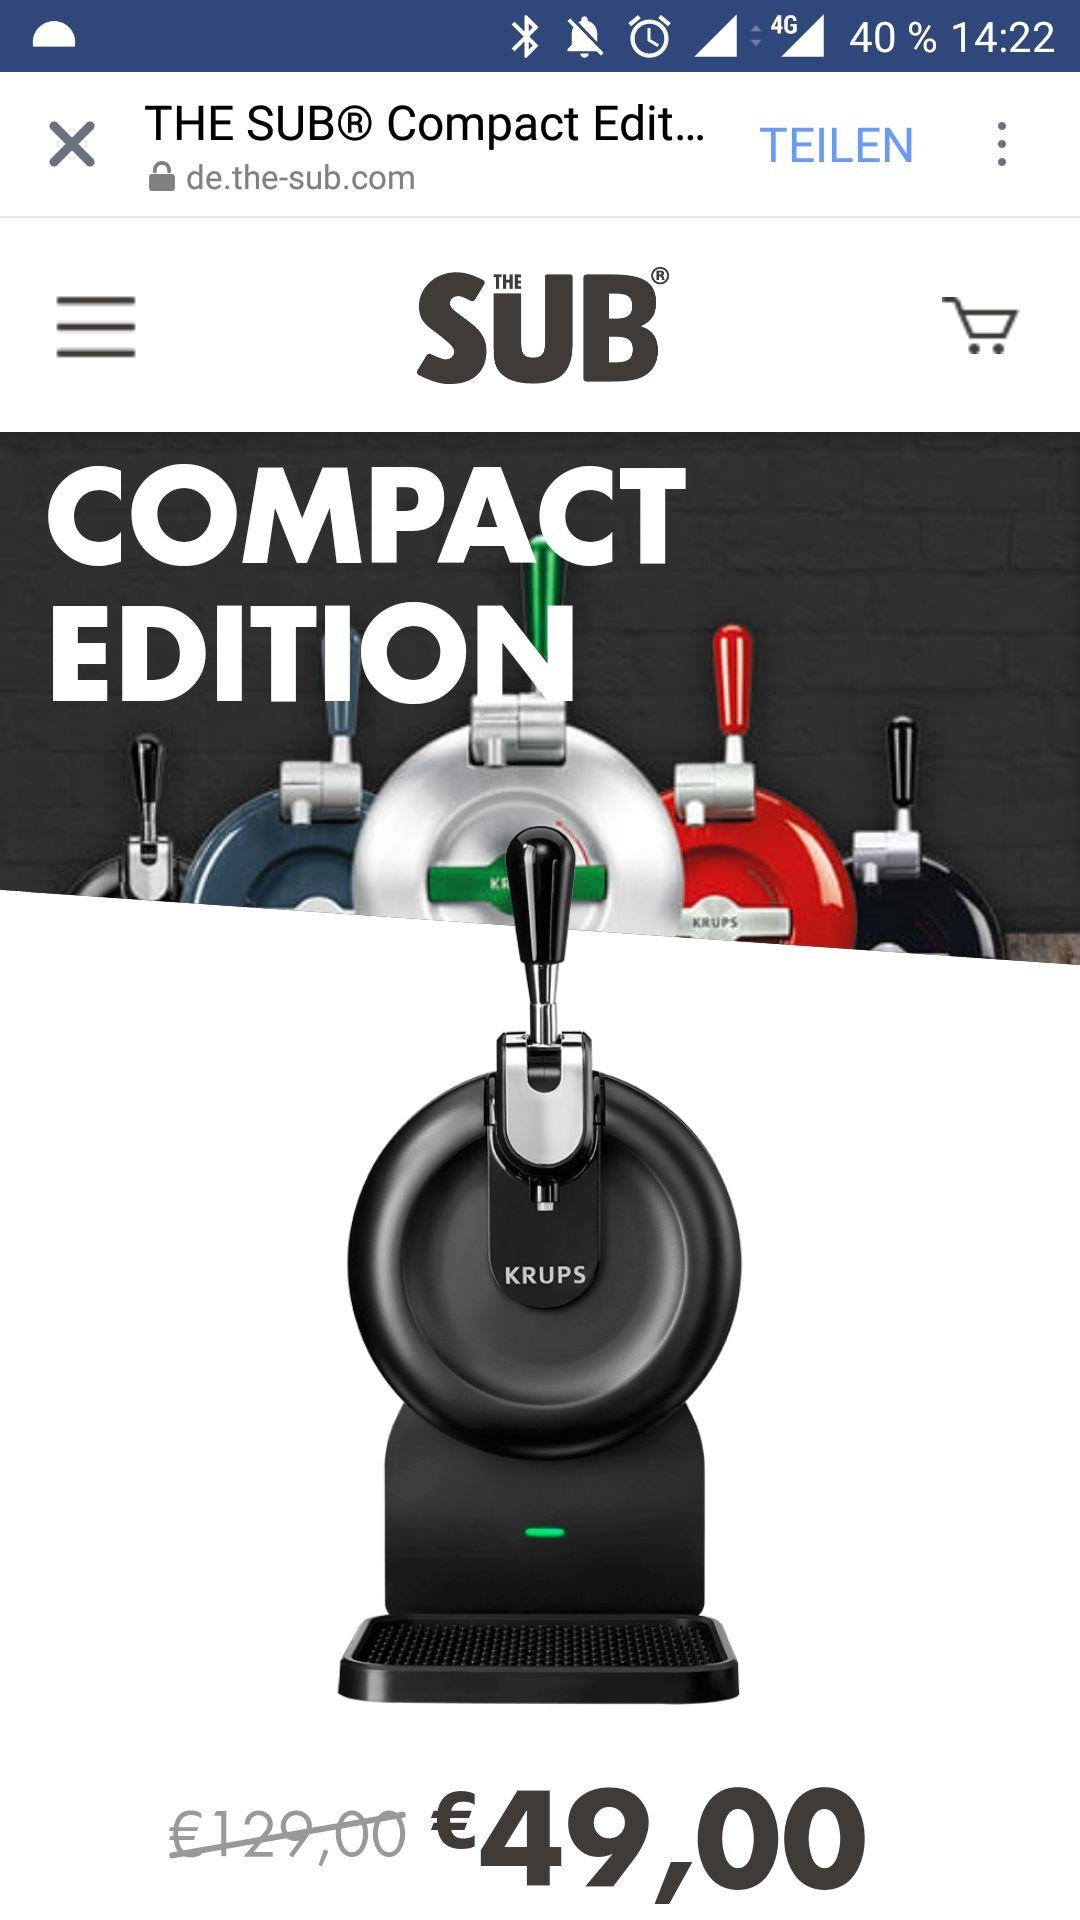 The SUB Compact Edition - Bierzapfanlage